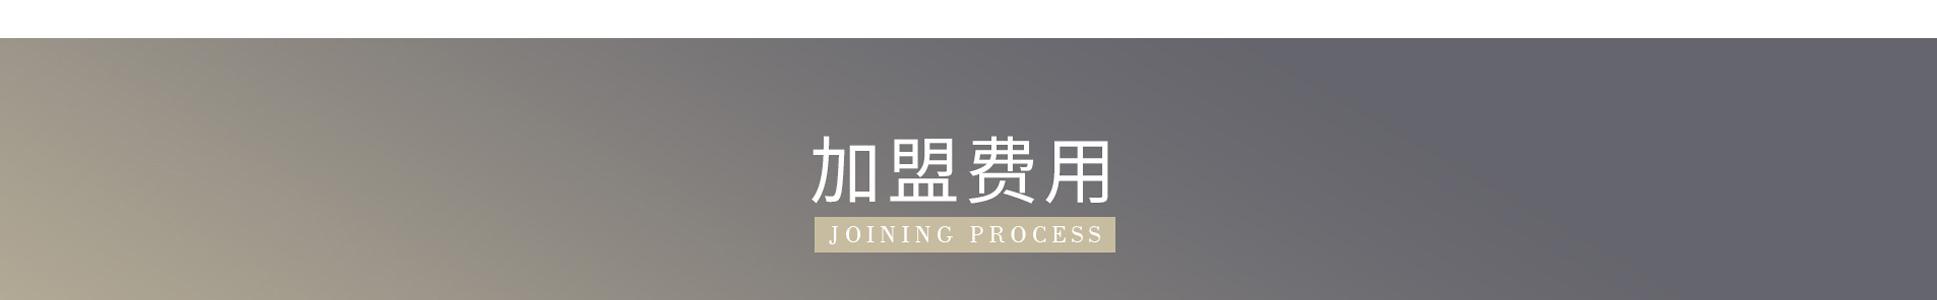 Zsmart智尚酒店zsjd_22